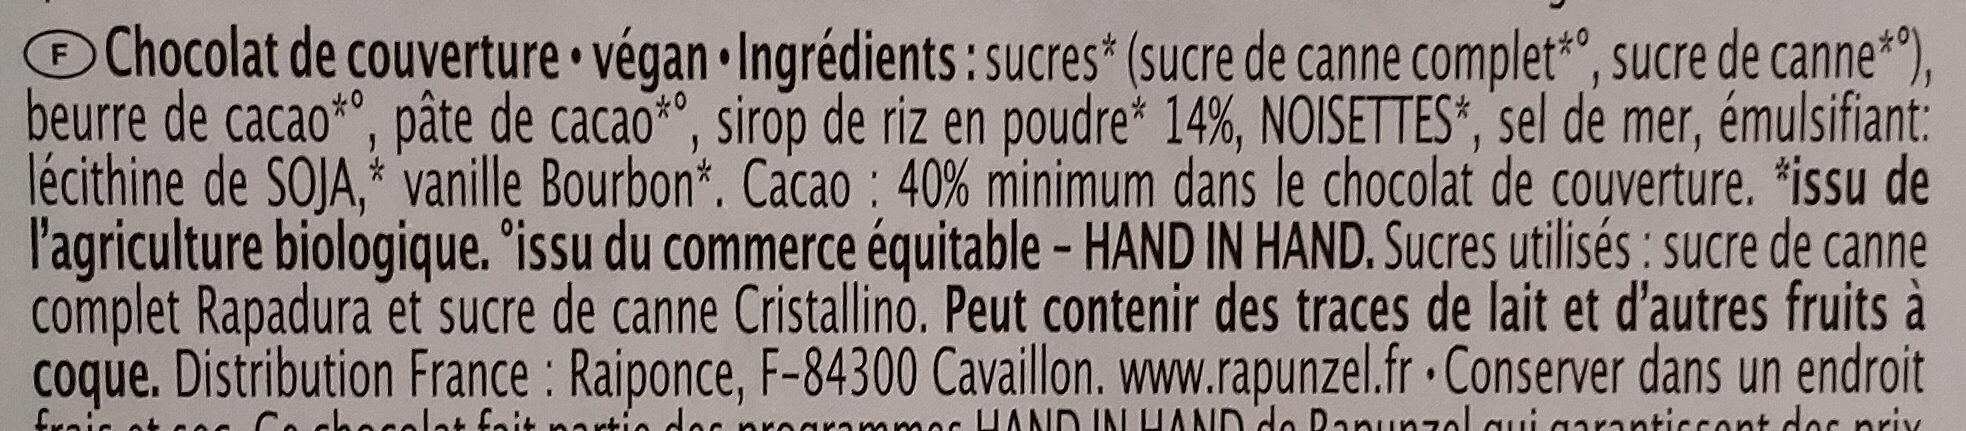 Chocolat végan - Ingredients - fr